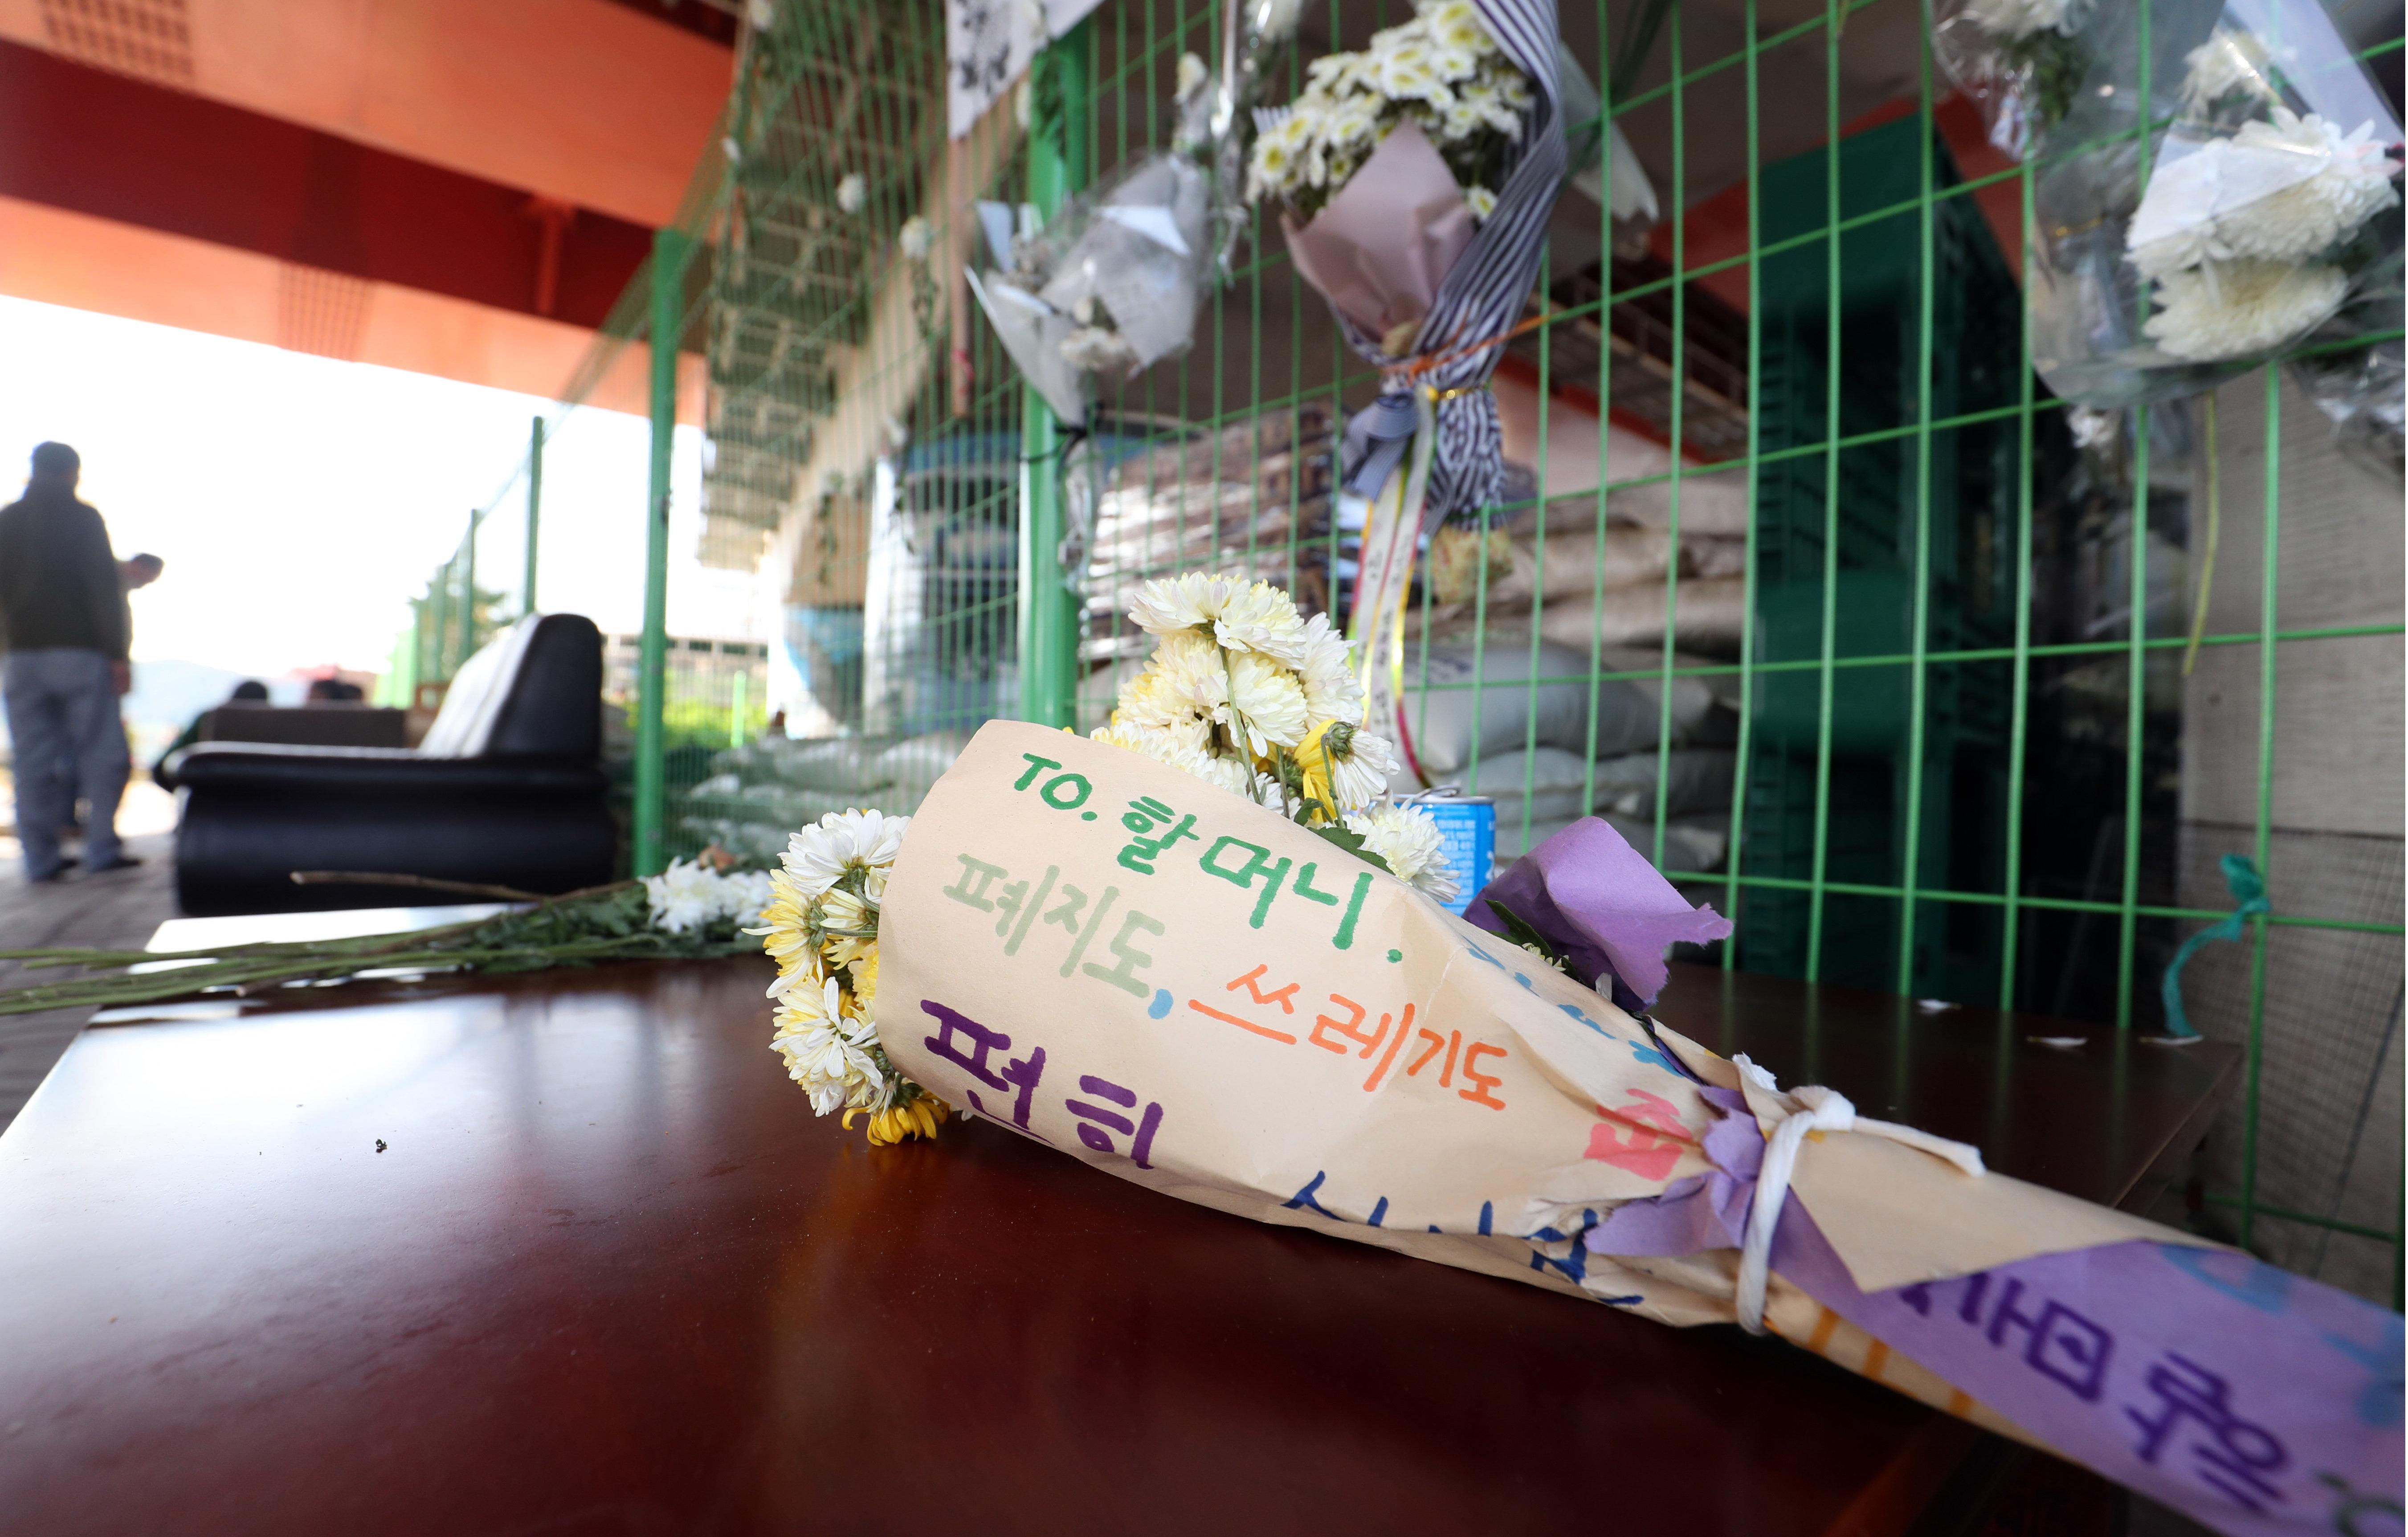 '거제 살인사건' 현장 인근에마련된 추모공간에 놓인 추모 편지와